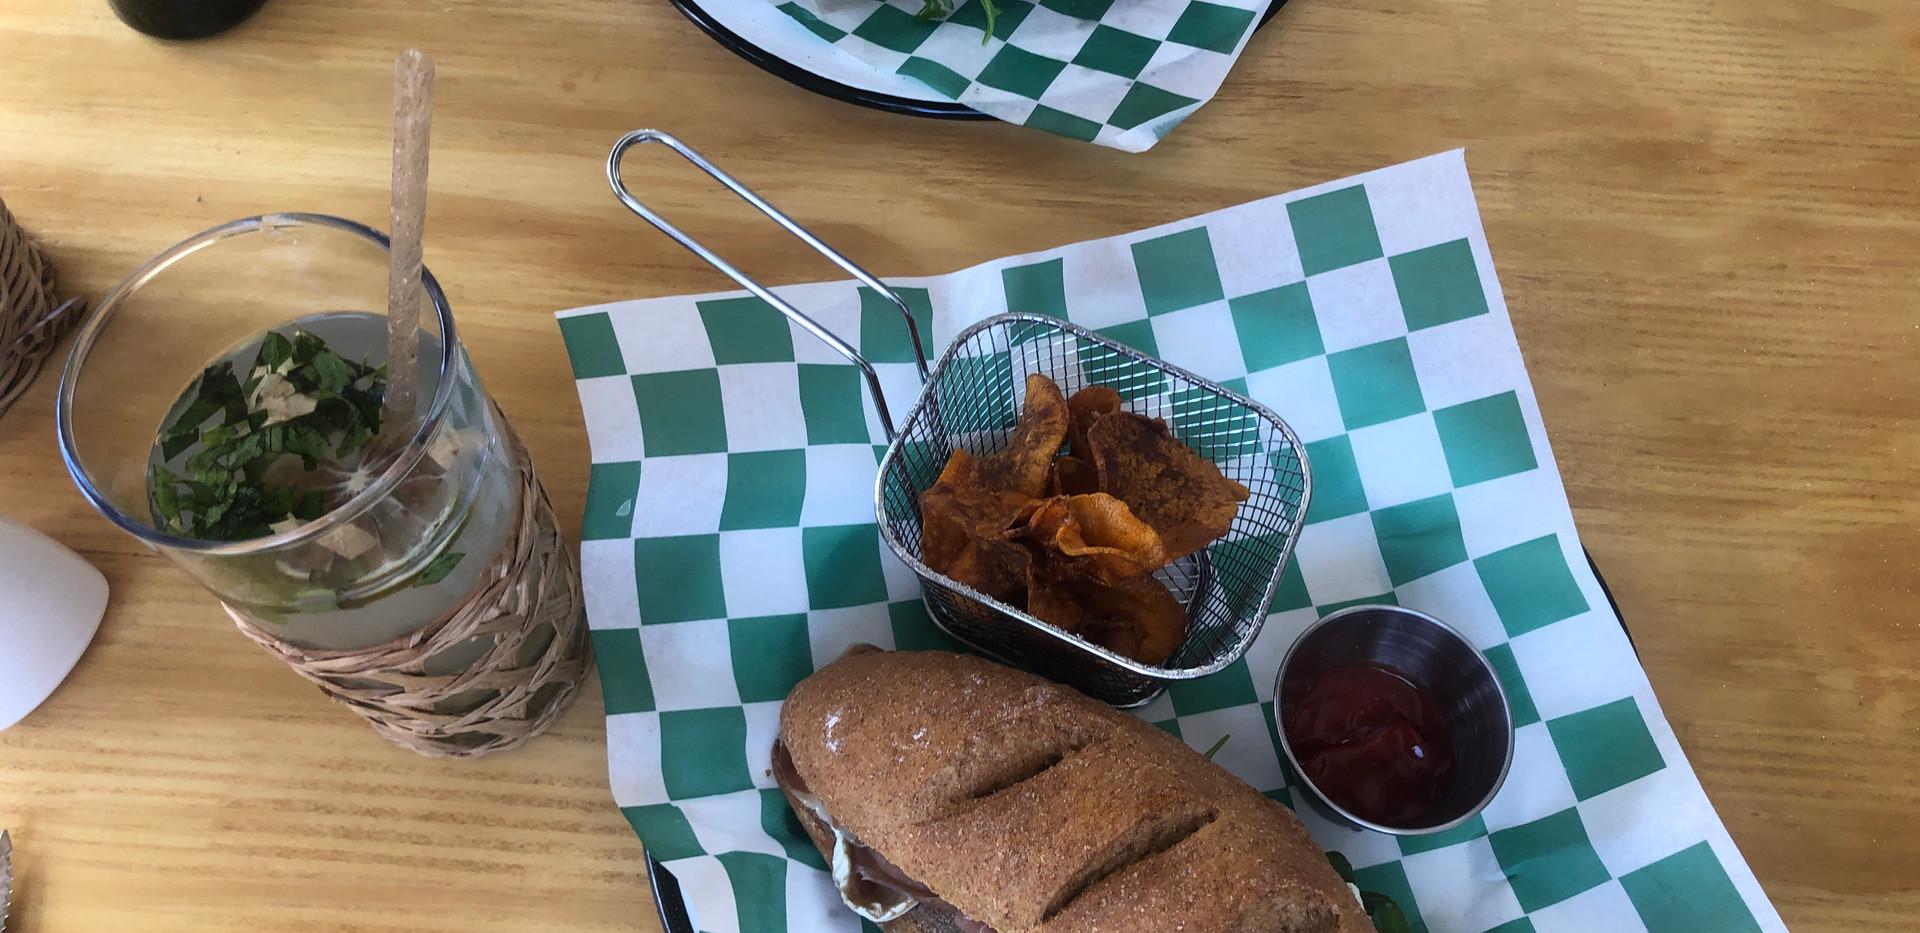 ohmybrunch_breakfast_lunch_sandwich_food